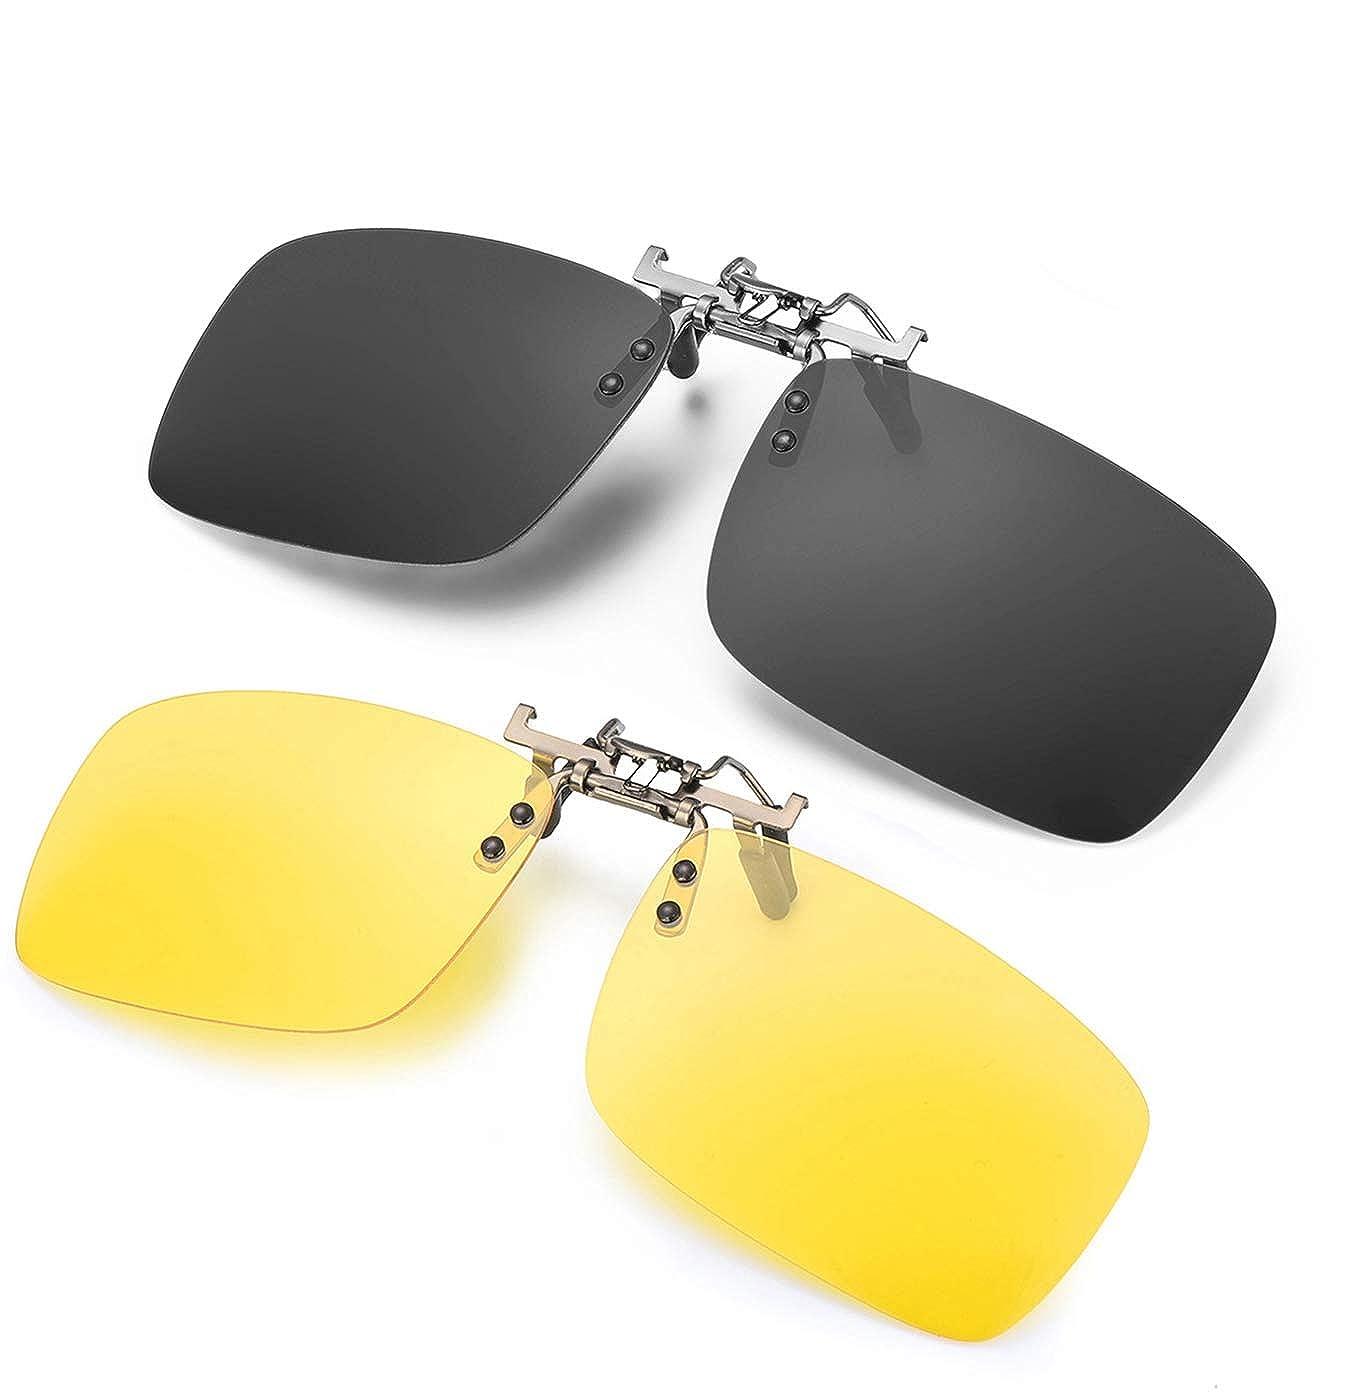 ELIVWR 2 Pares Gafa de Sol Polarizada con Clip de - Gafas Nocturnas Conducción/Golf/y Mucho Más Deportes Exteriores, 100% de Protección Contra Los ...